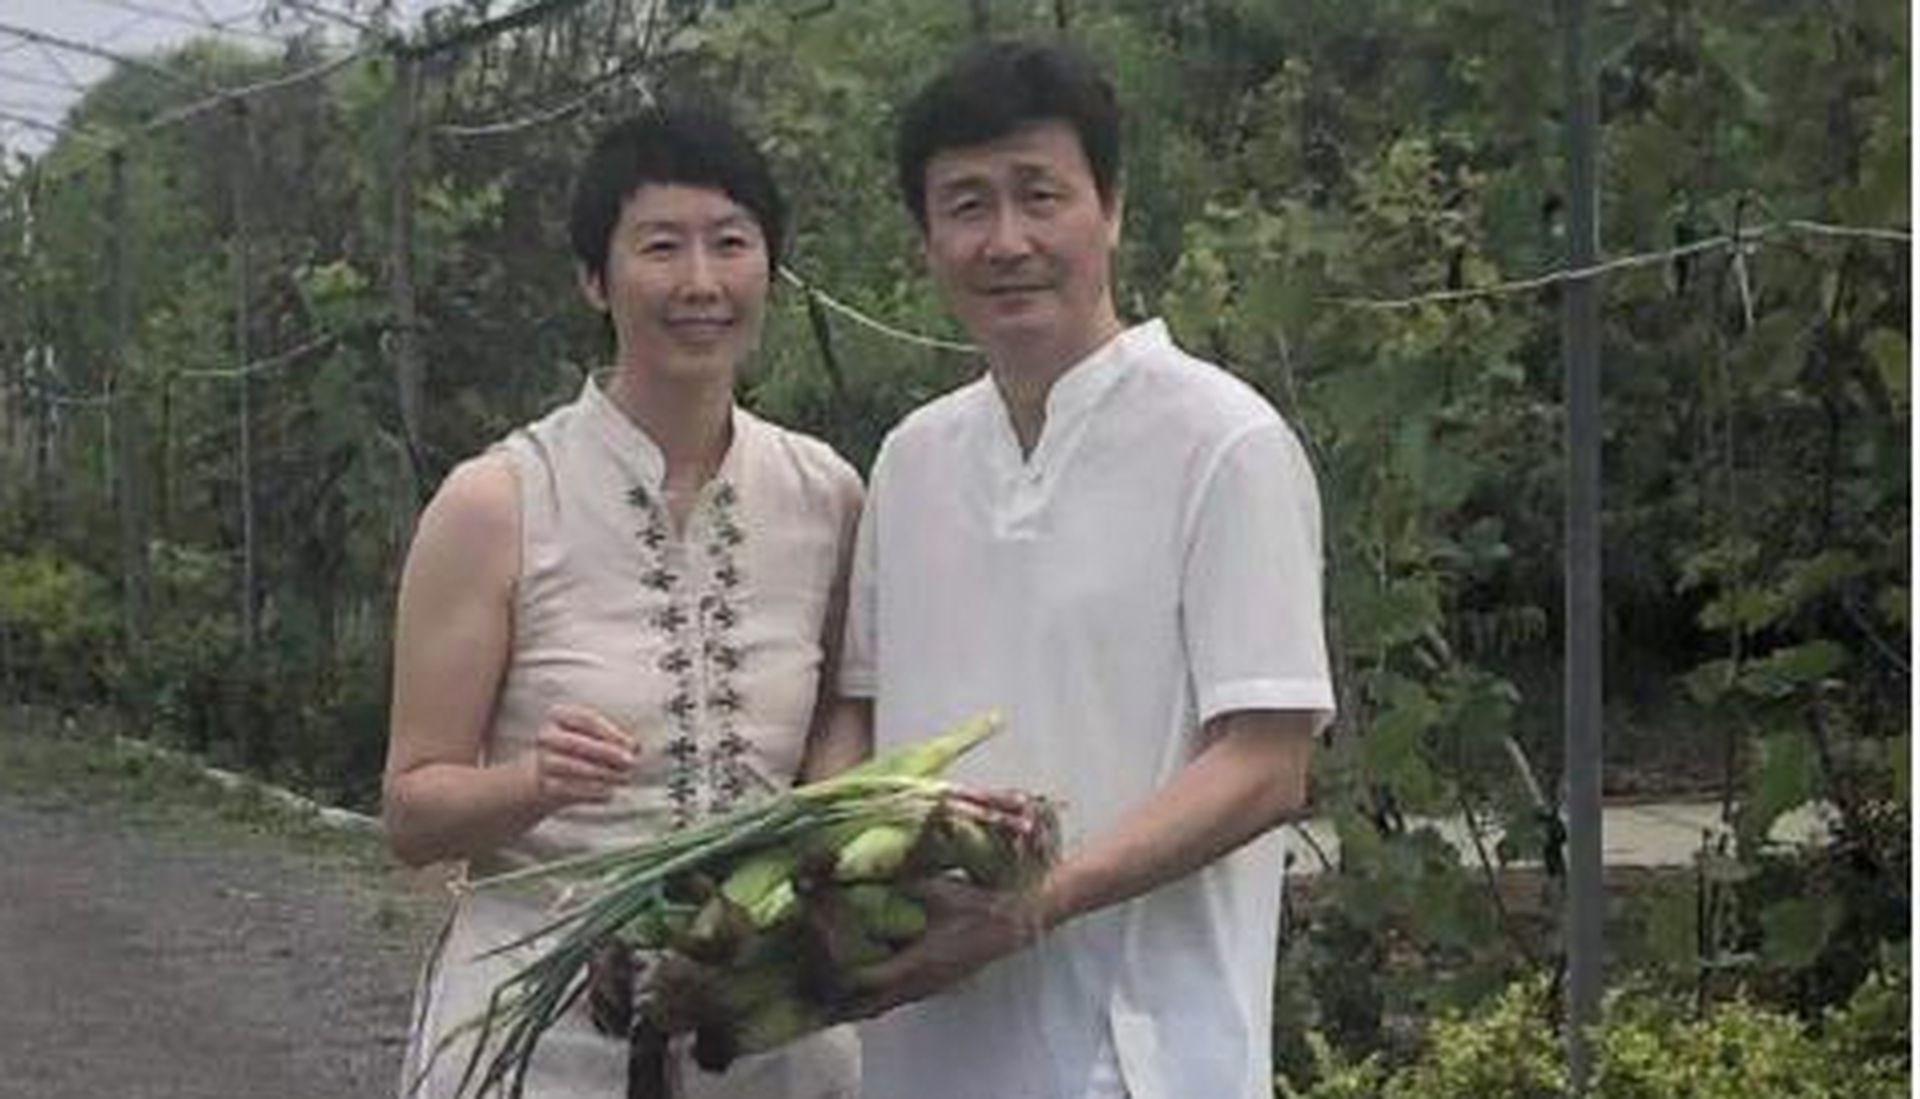 郝海东与现任妻子叶钊颖在农场展示蔬菜。(微信@福润泽郝海东专属农场)